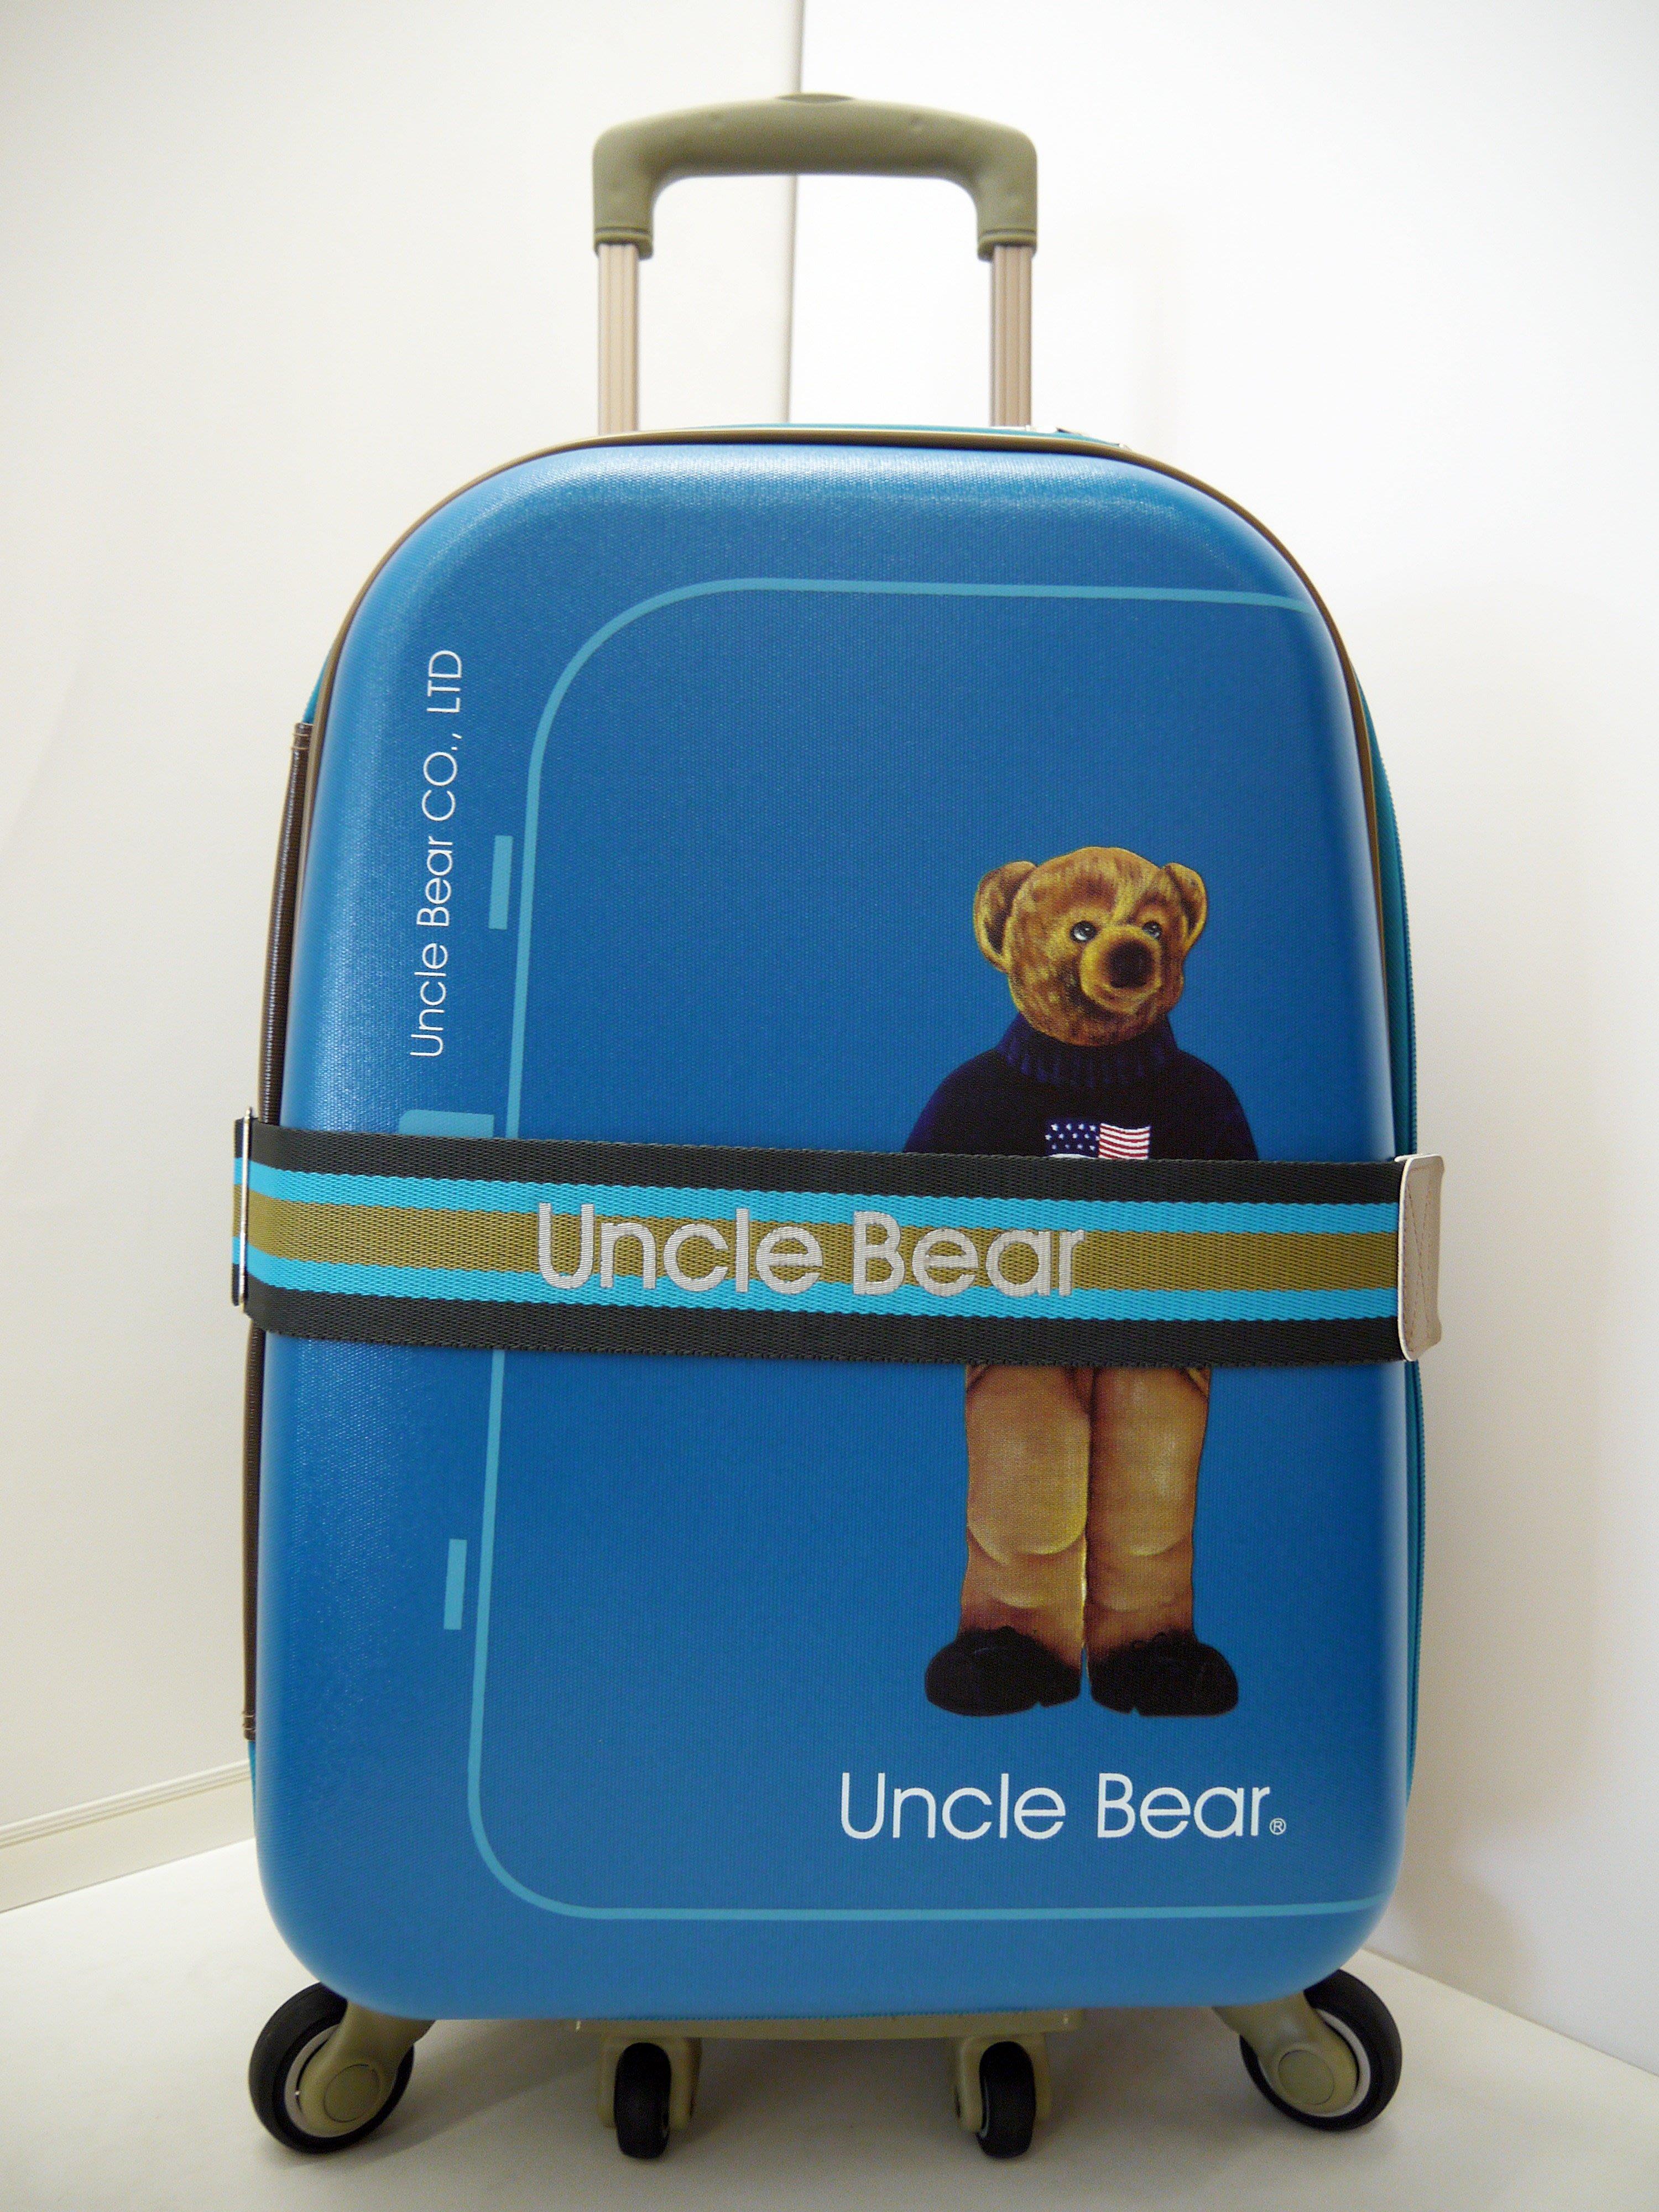 Uncle Bear 熊熊叔叔 旅行箱布箱/三段式鋁合金拉桿/可加大/附國際海關鎖/行李箱 25吋 薇娜